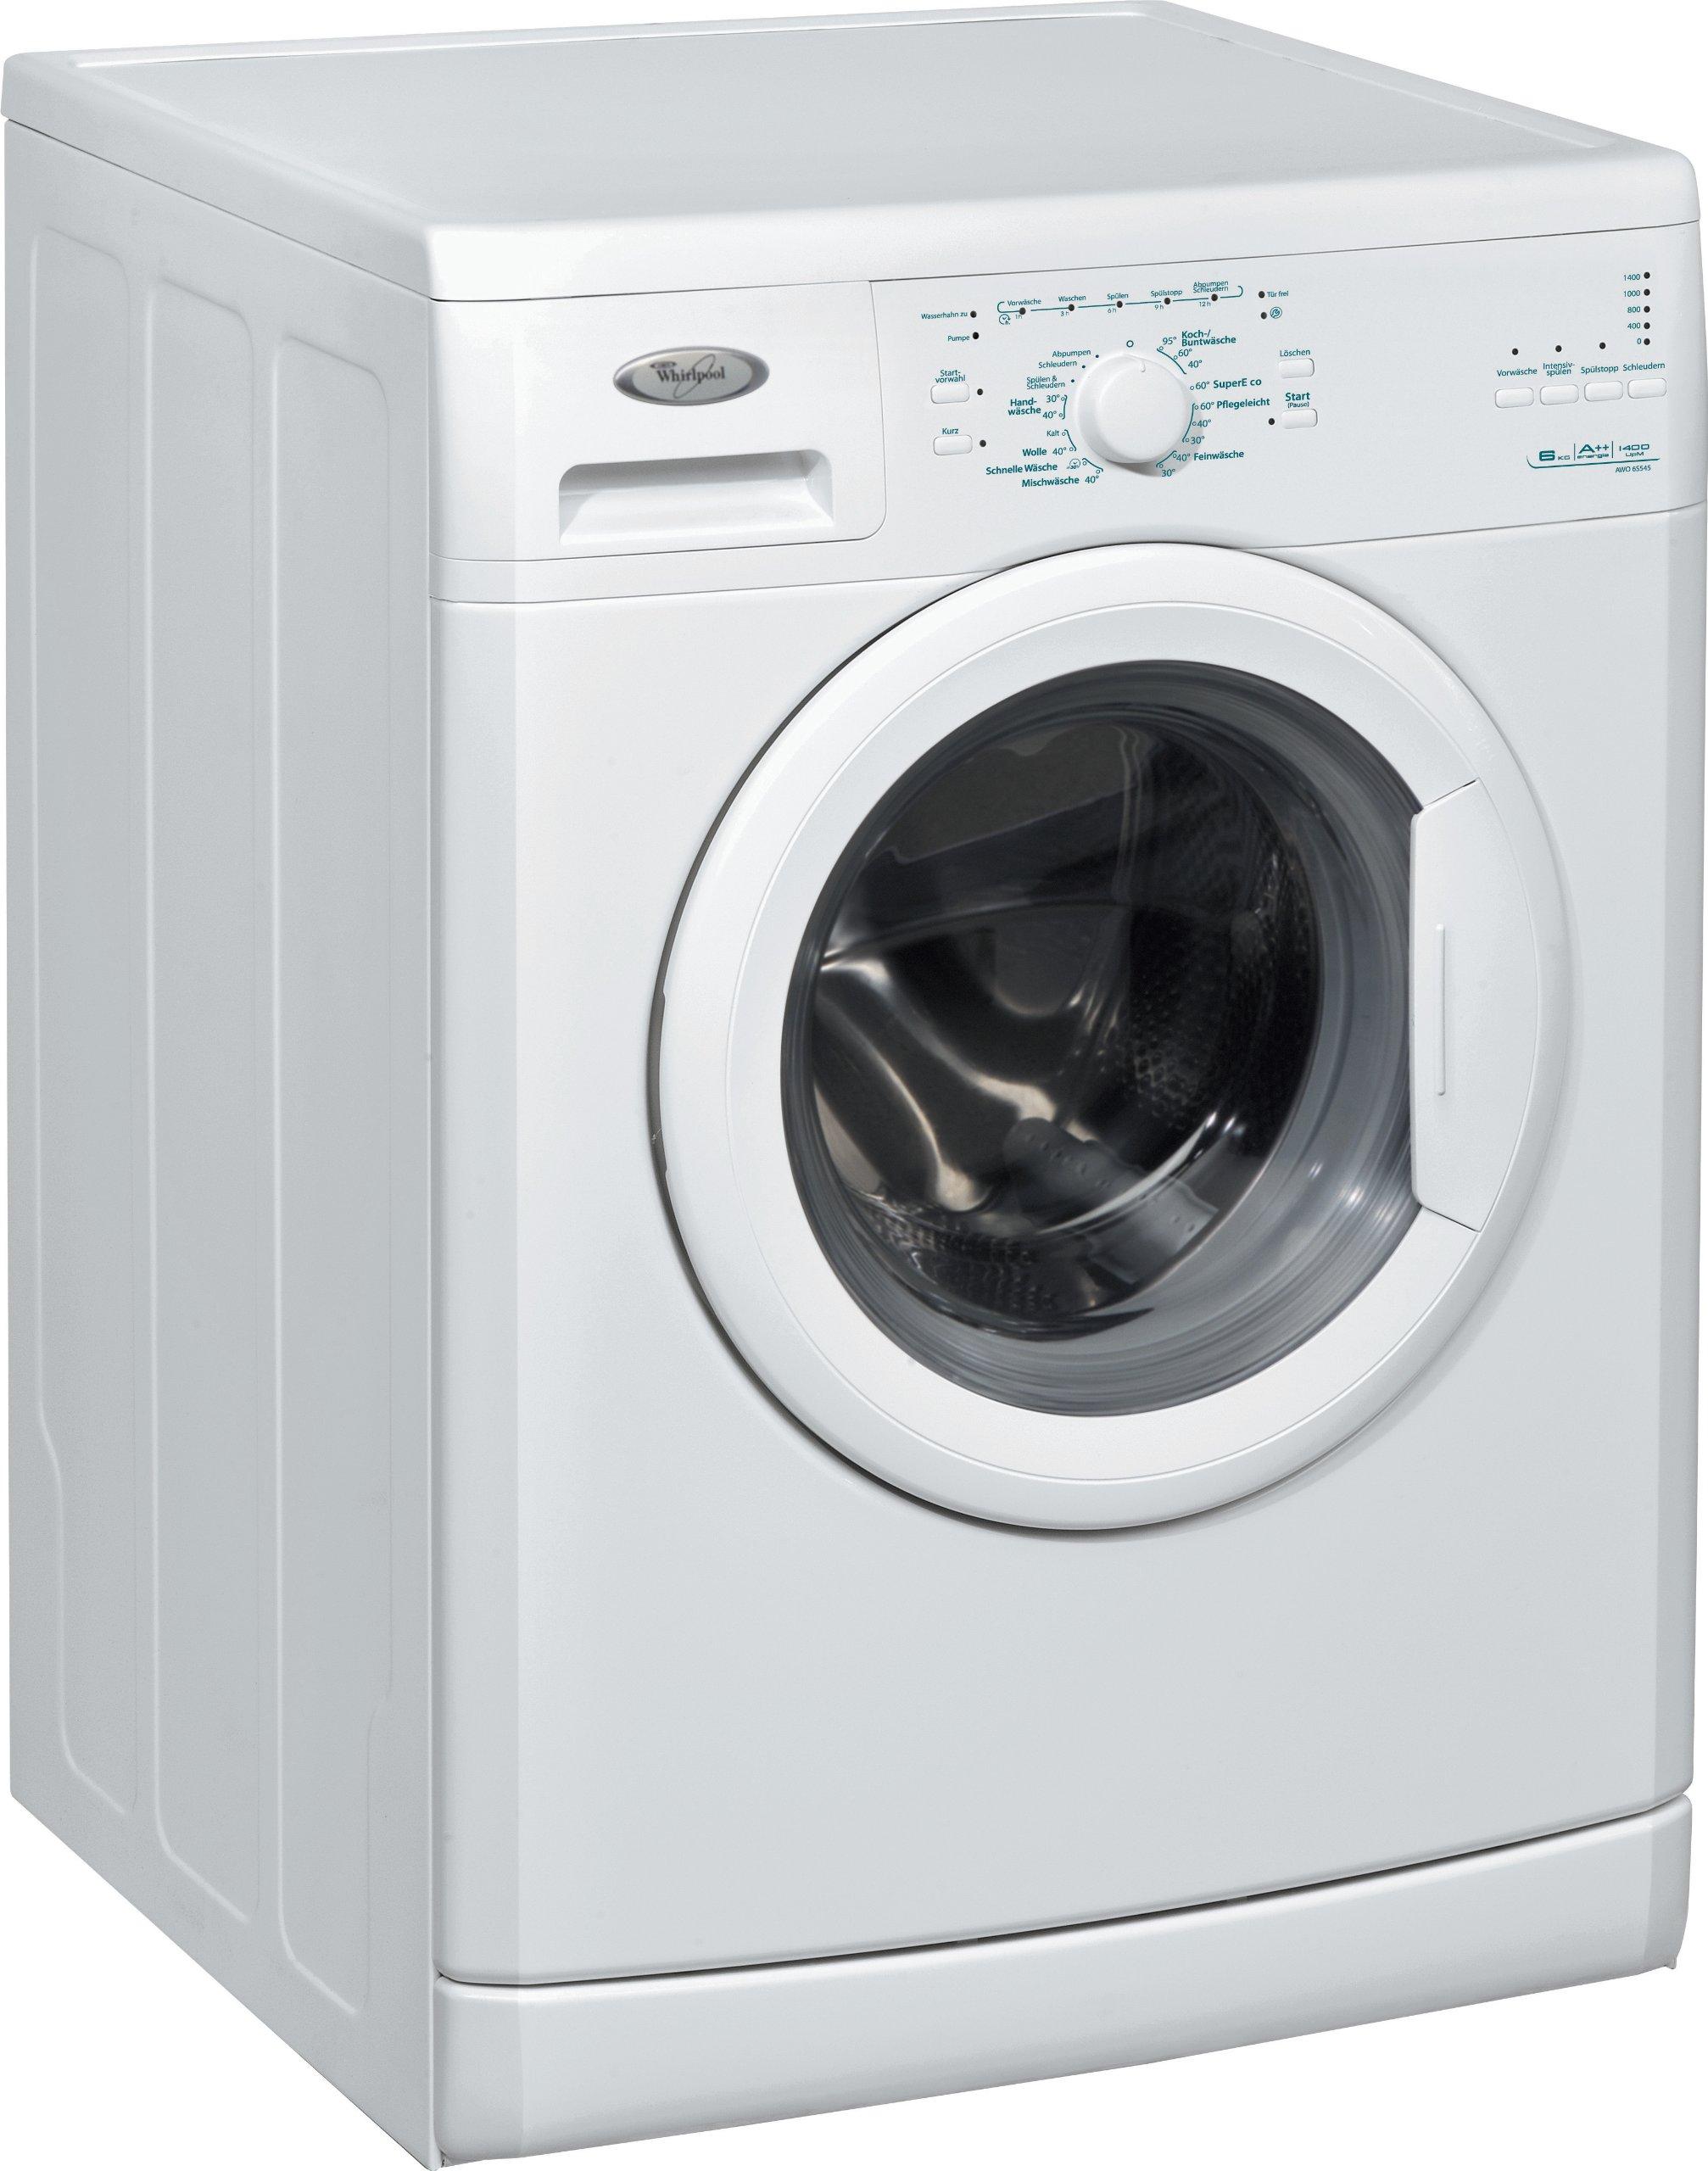 Whirlpool-AWO-6S545-Waschmaschine-Frontlader-A-B-1400-UpM-6-kg-wei-Startzeitvorwahl-Start-delay-with-LED-Vollwasserschutz-unterbaufhig